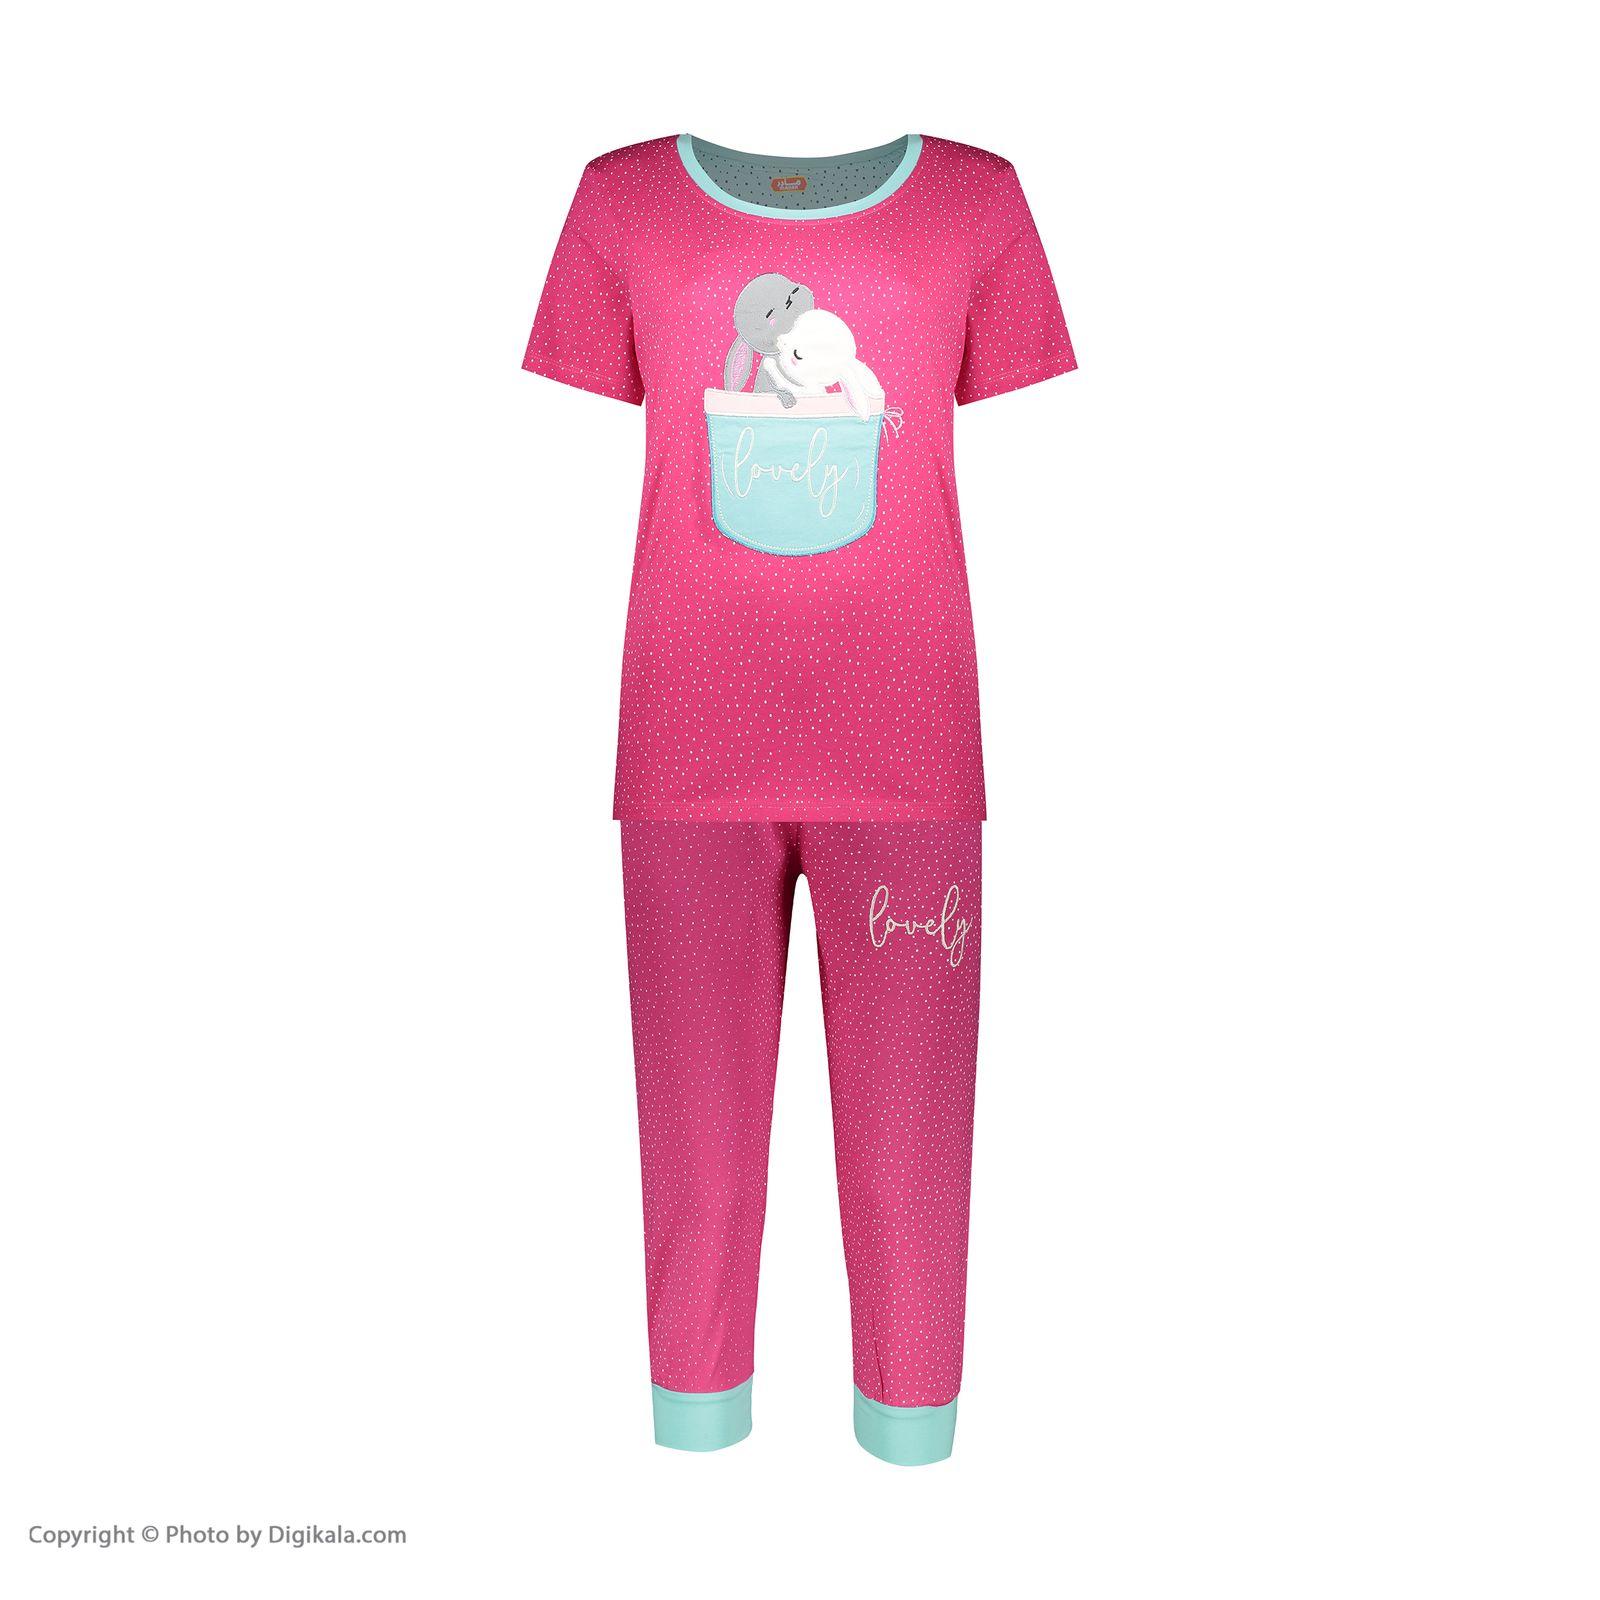 ست تی شرت و شلوارک راحتی زنانه مادر مدل 2041102-66 -  - 3